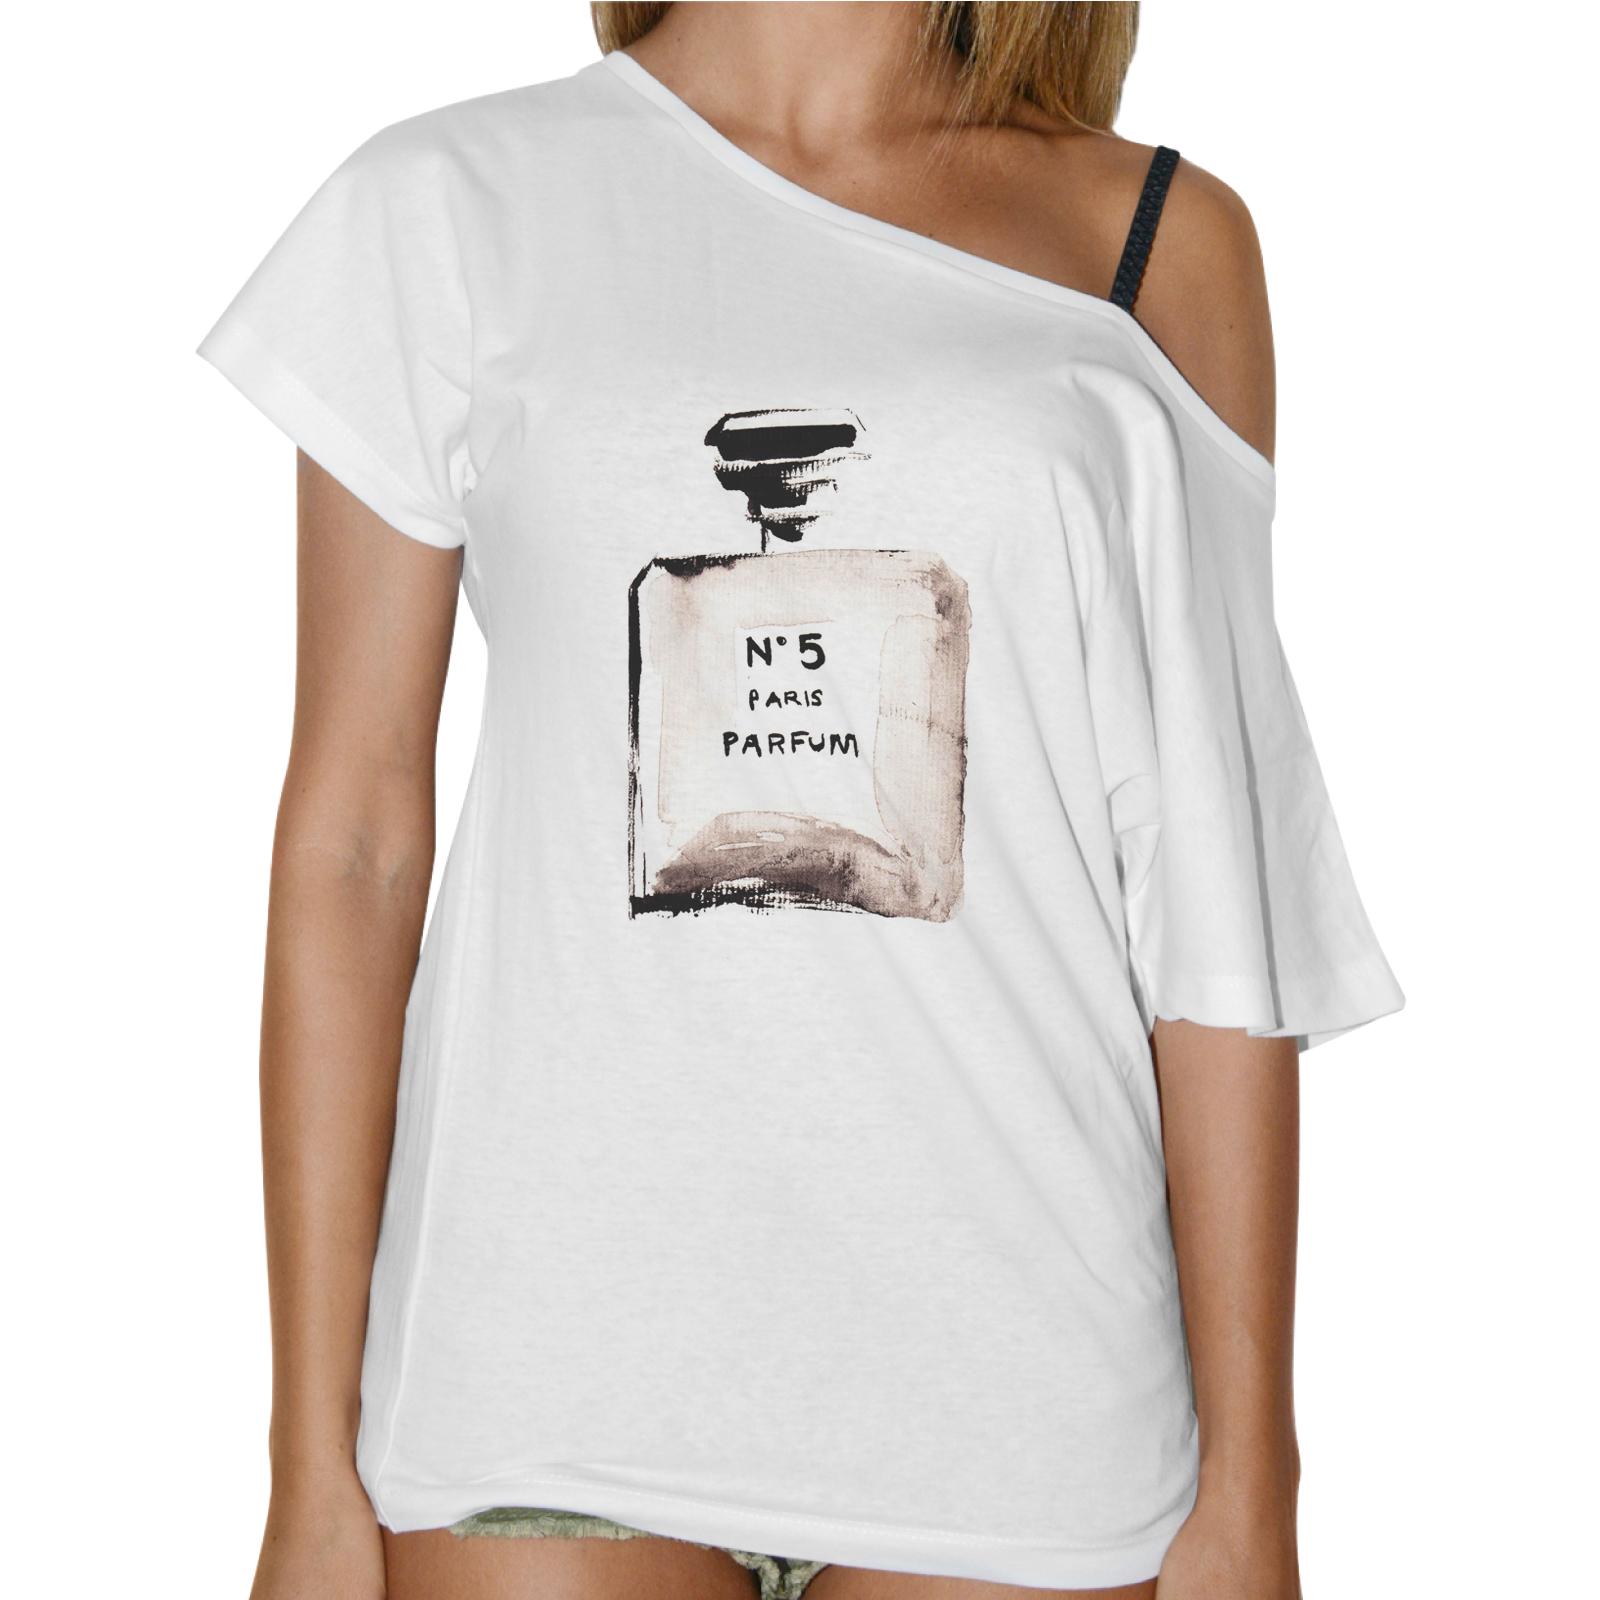 T-Shirt Donna Collo Barca BOTTIGLIA PROFUMO